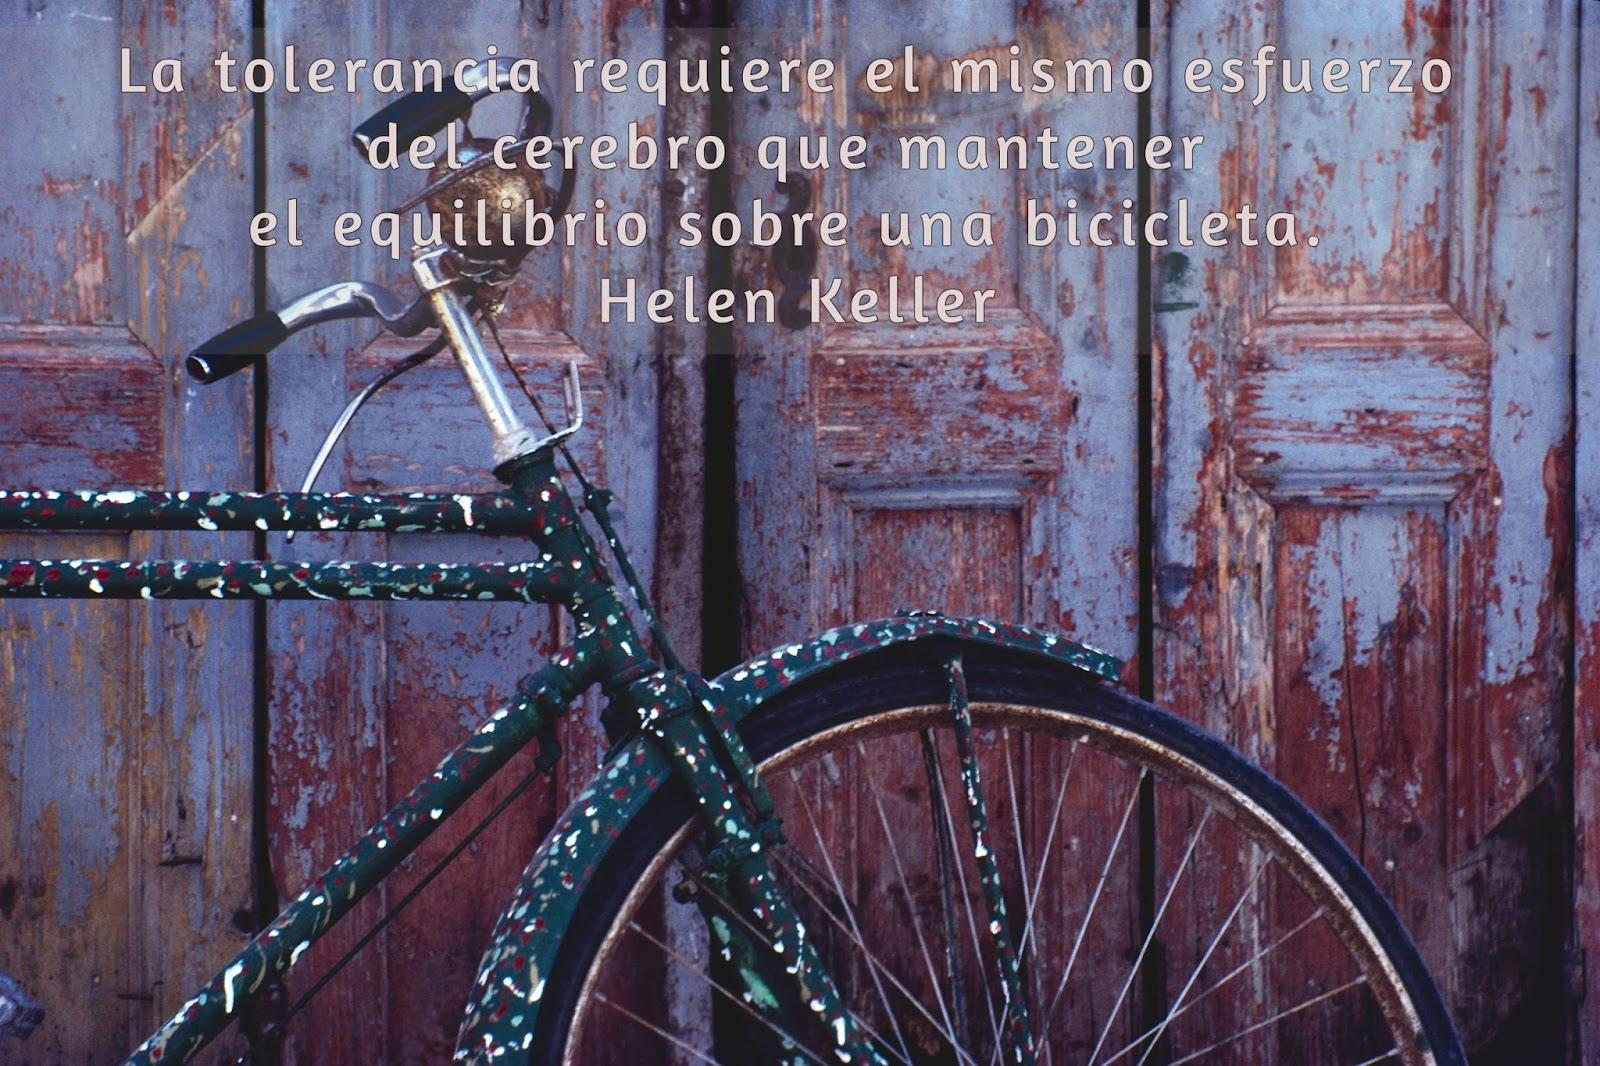 Frases Para Andar En Bicicleta